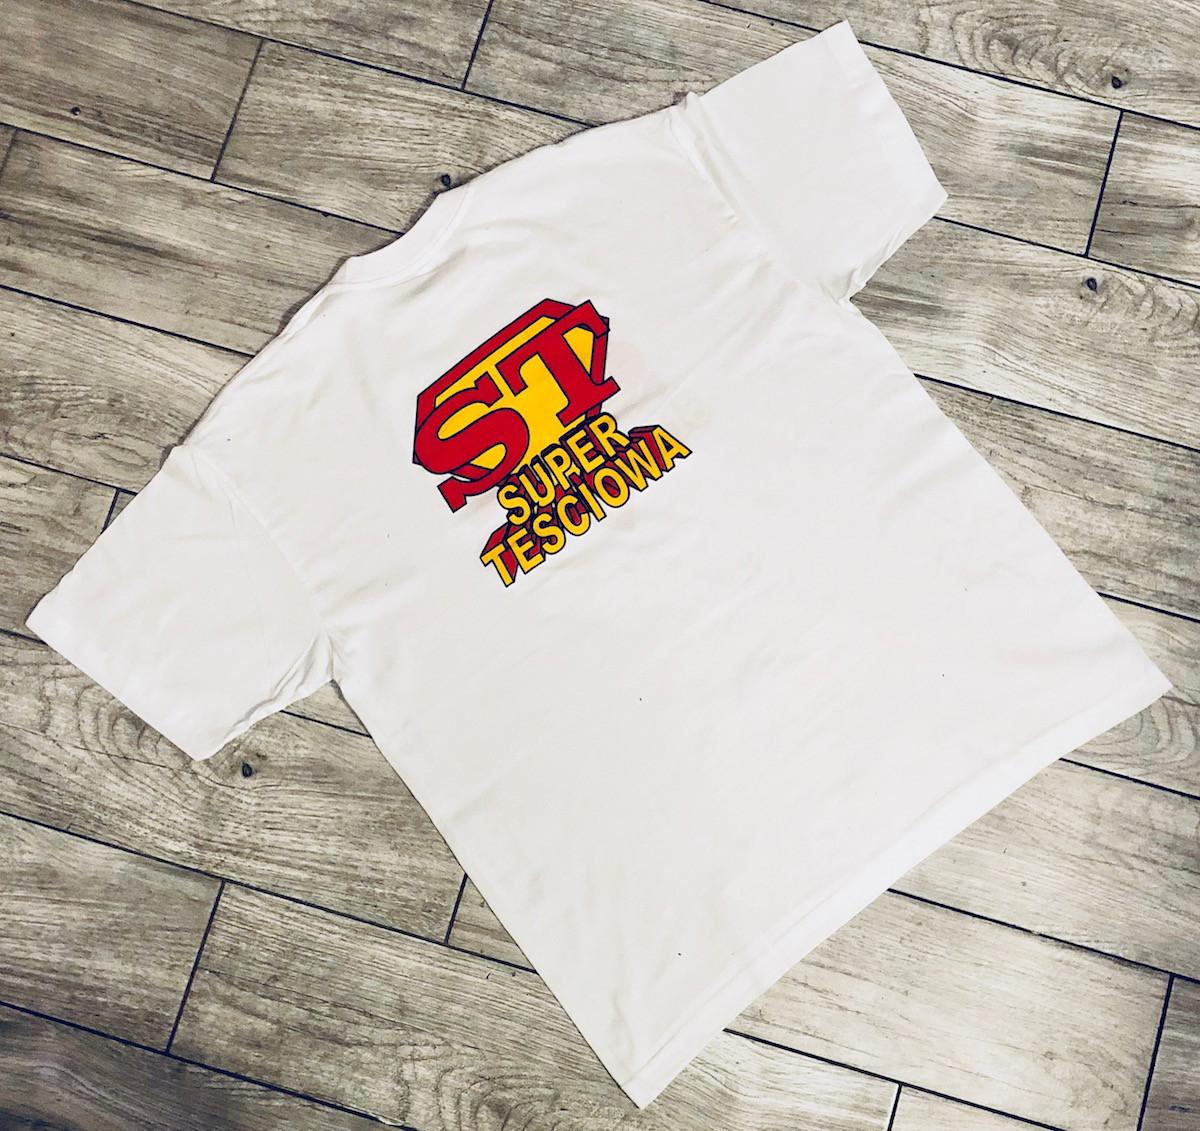 Koszulka Super Mama / Teściowa, rozm. L - WYPRZEDAŻ